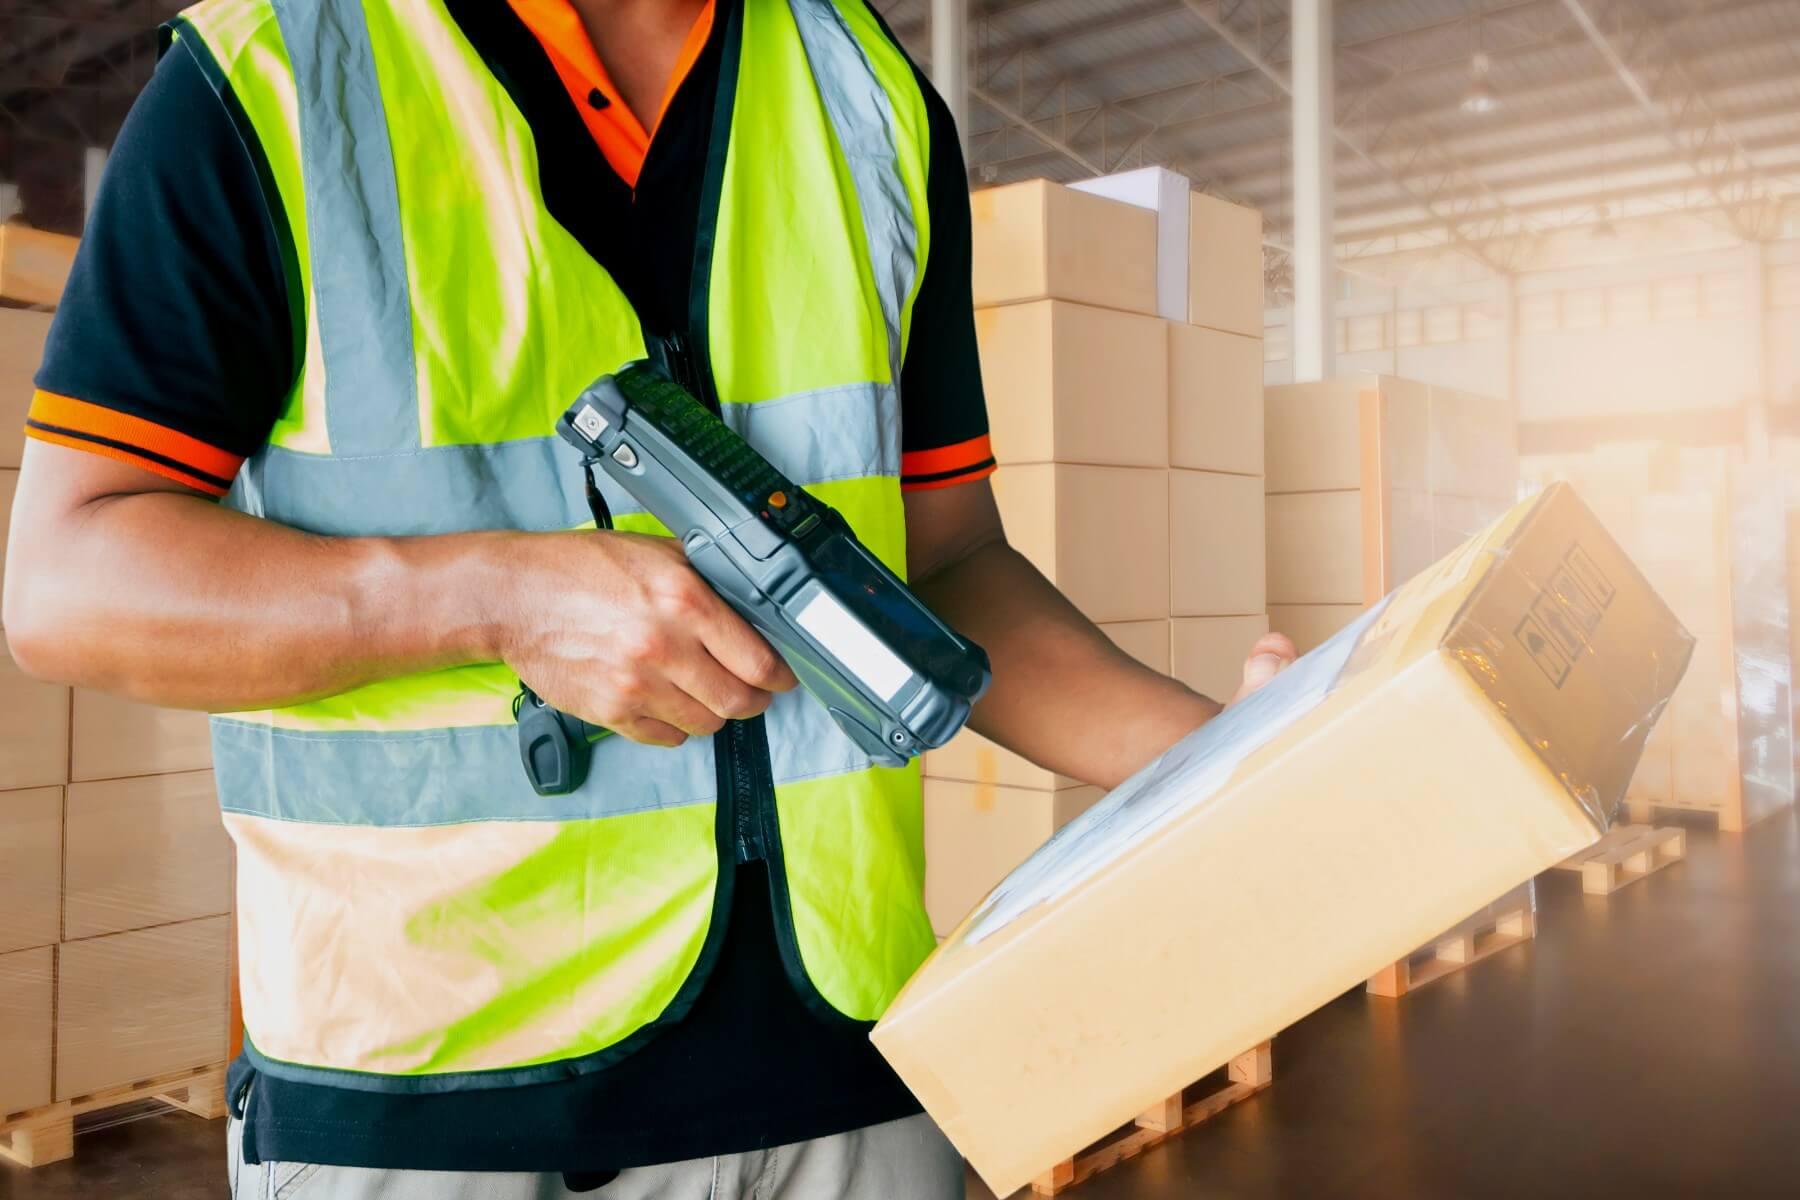 HID Global expande família de Tags RFID com opções para rastreamento de itens, inventários mais abrangentes e segurança na cadeia de distribuição